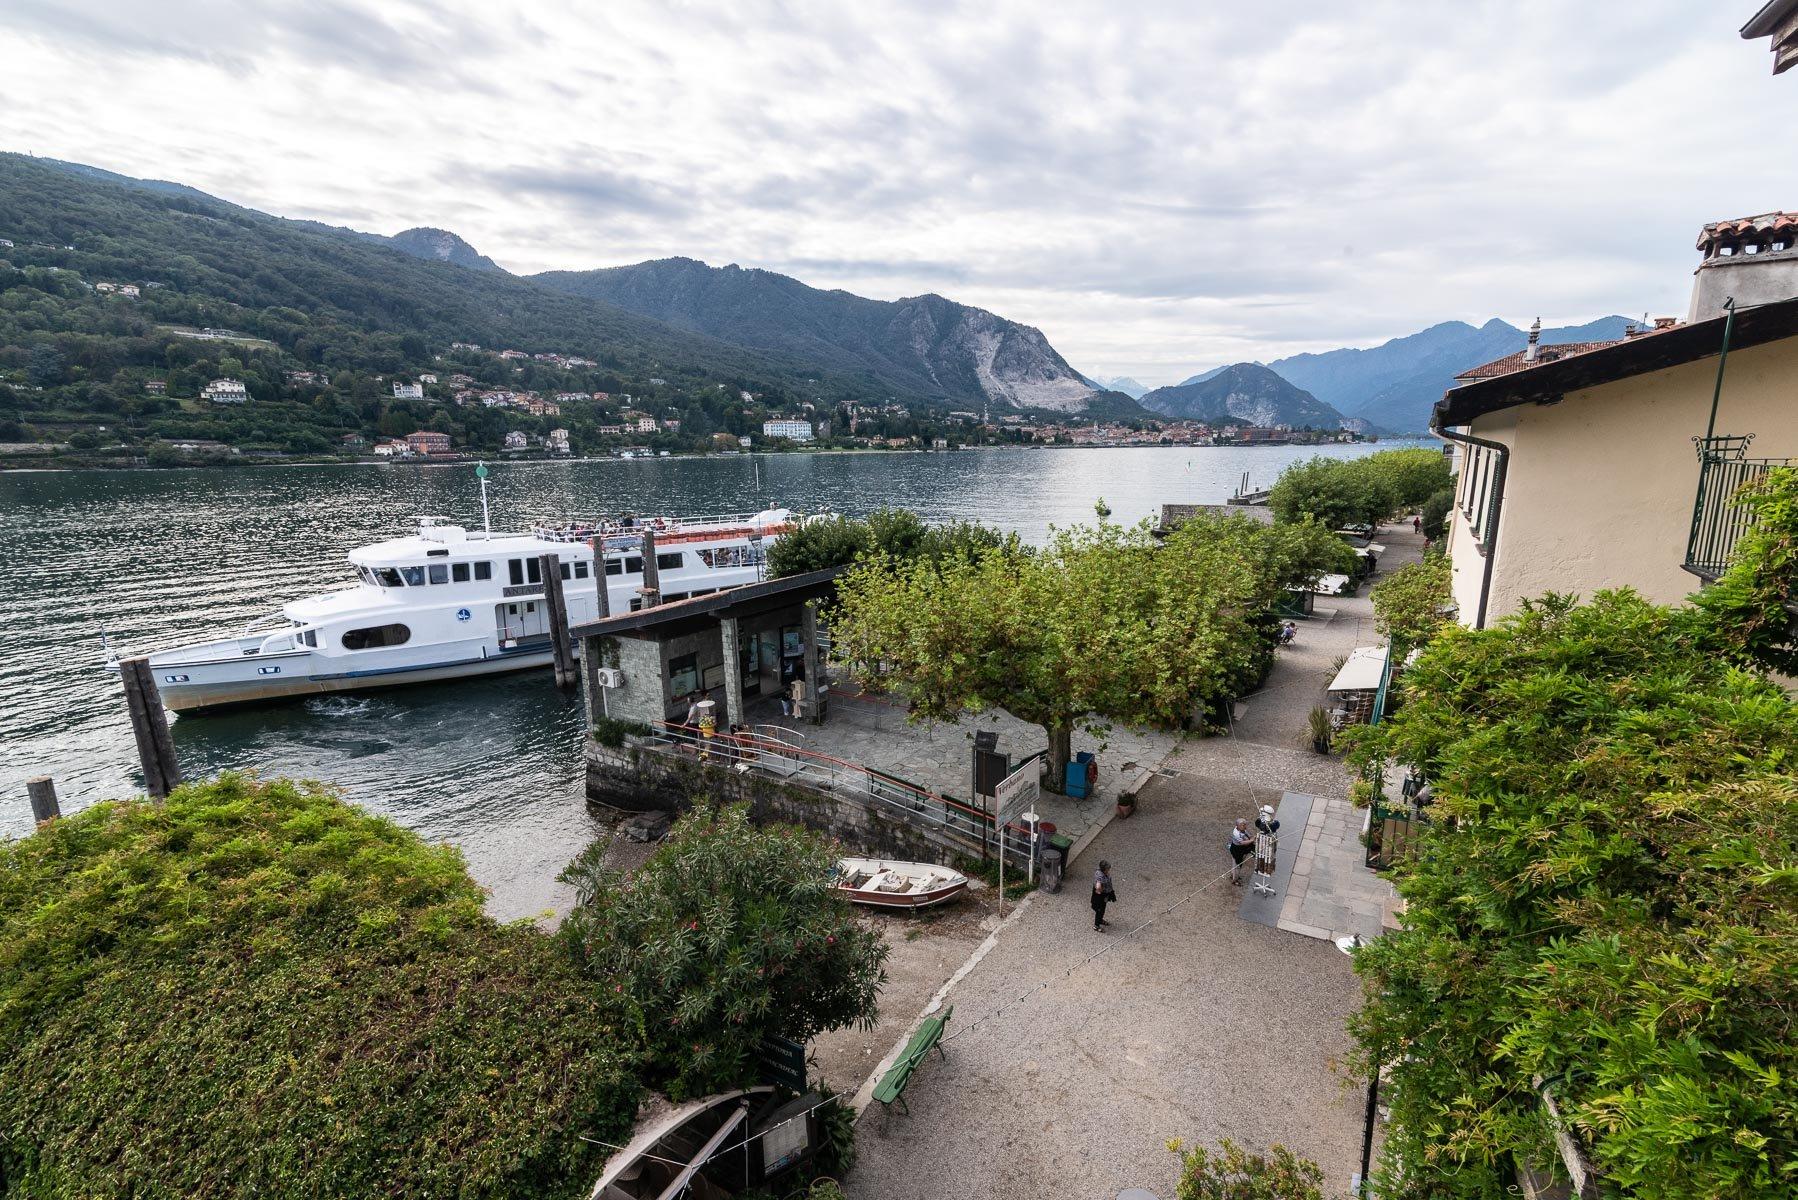 Apartment for sale in Pescatori Island, Stresa - lake view